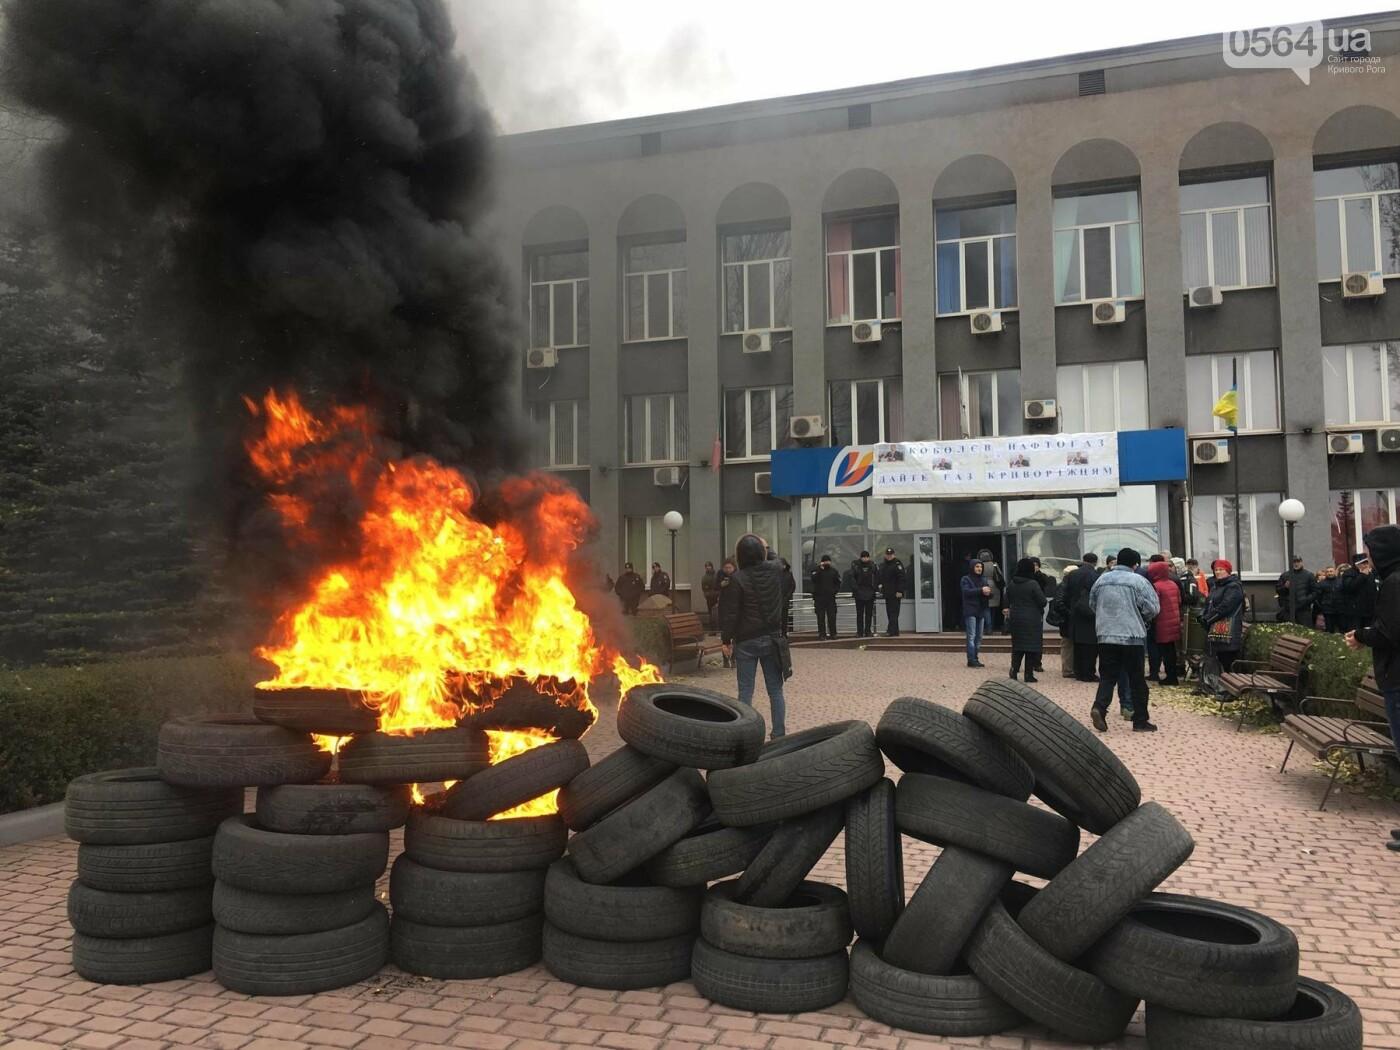 """Криворожане принесли  и подожгли шины под управление """"Криворожгаза""""  - ФОТО, ВИДЕО, фото-5"""